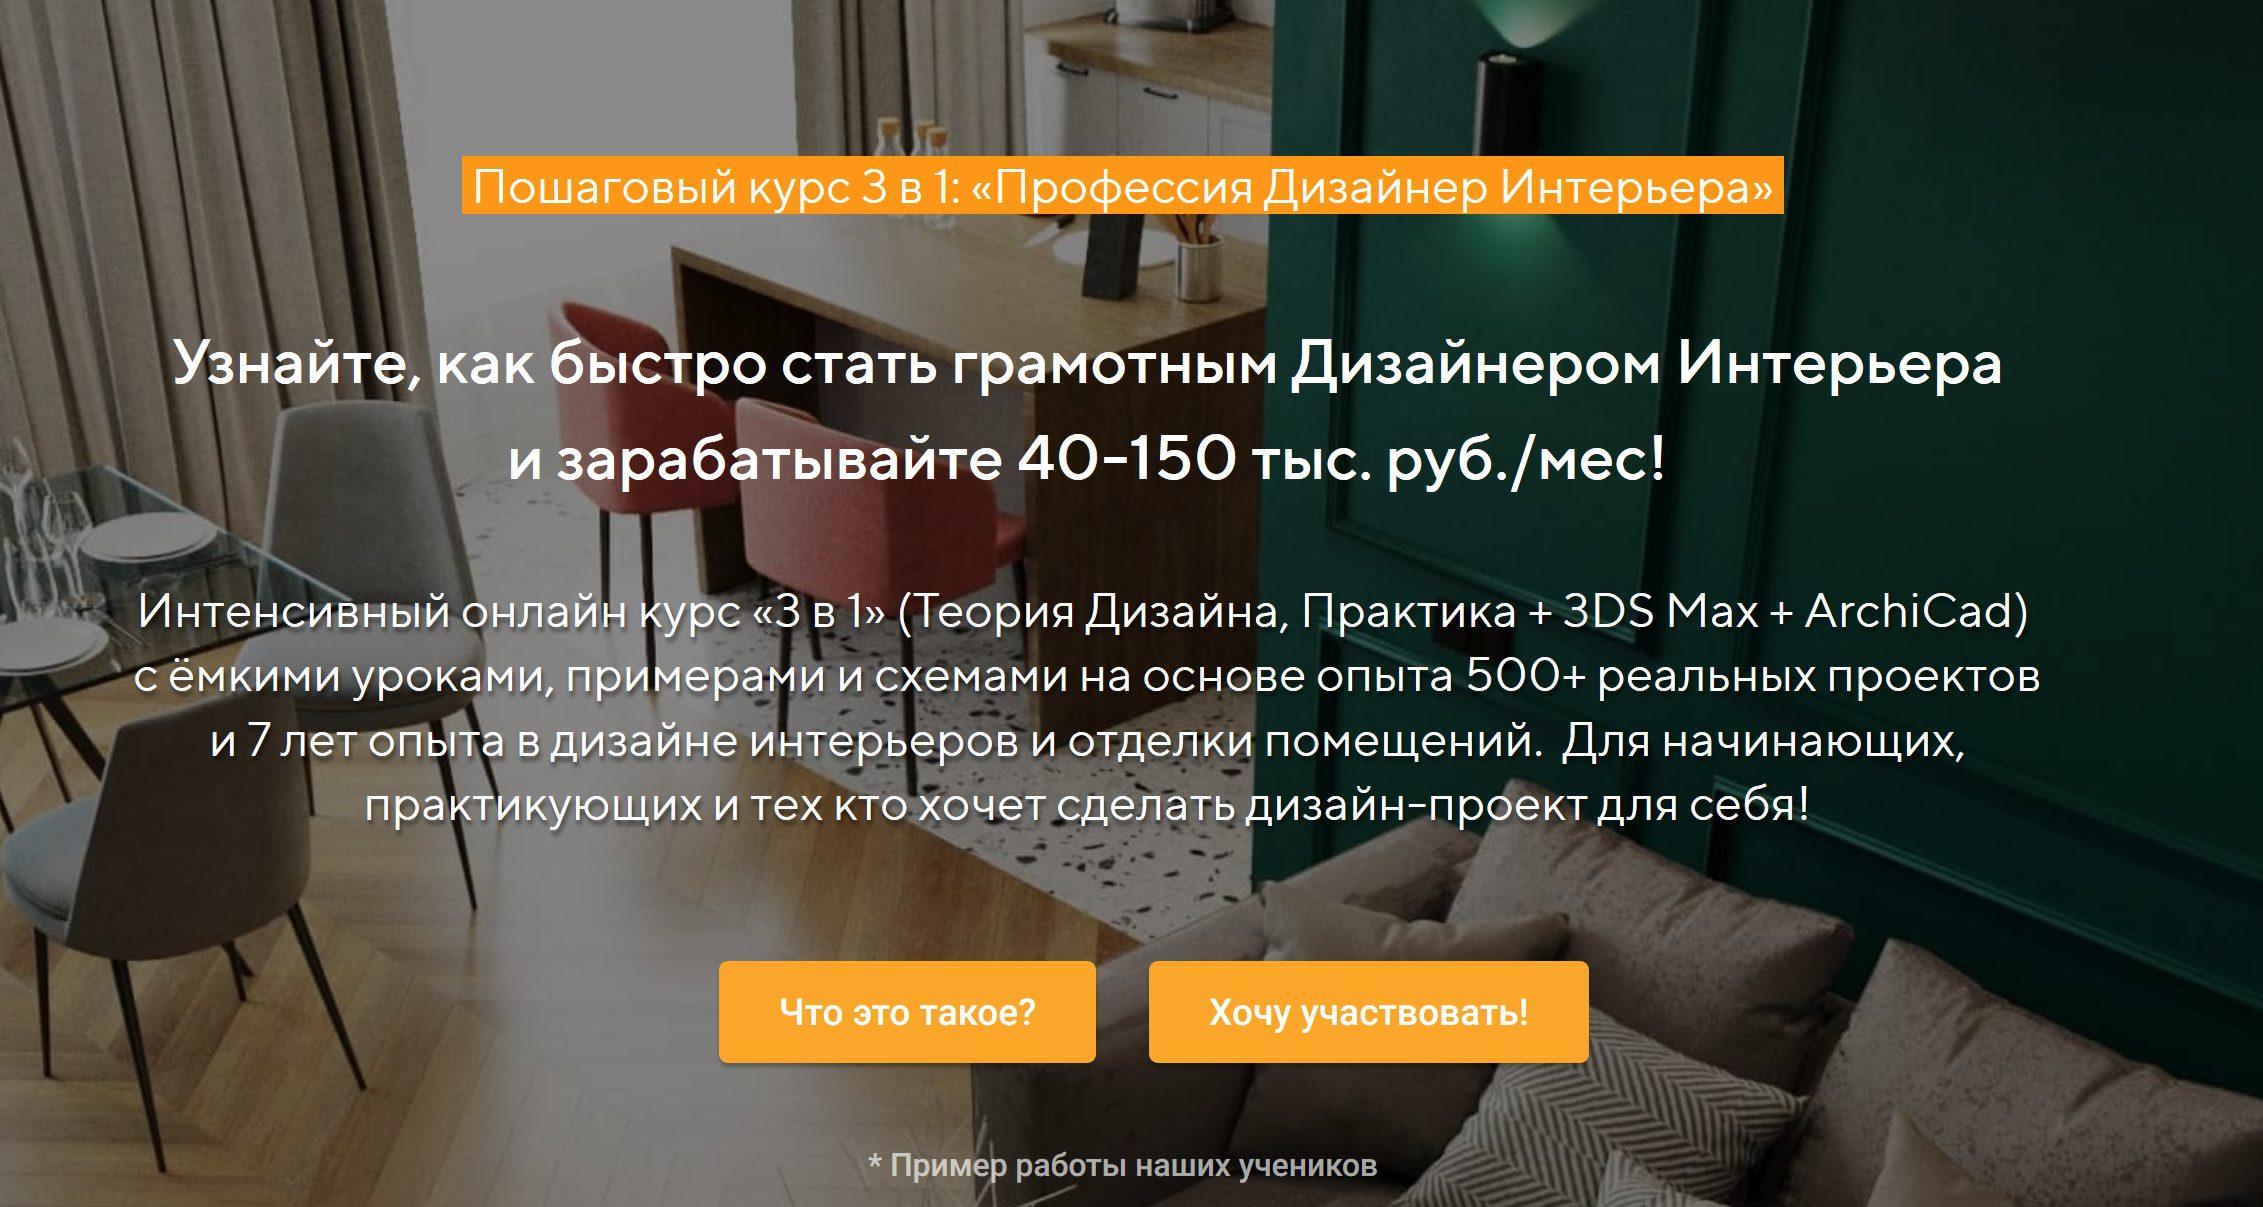 Крутейший онлайн курс о том как стать дизайнером интерьера!